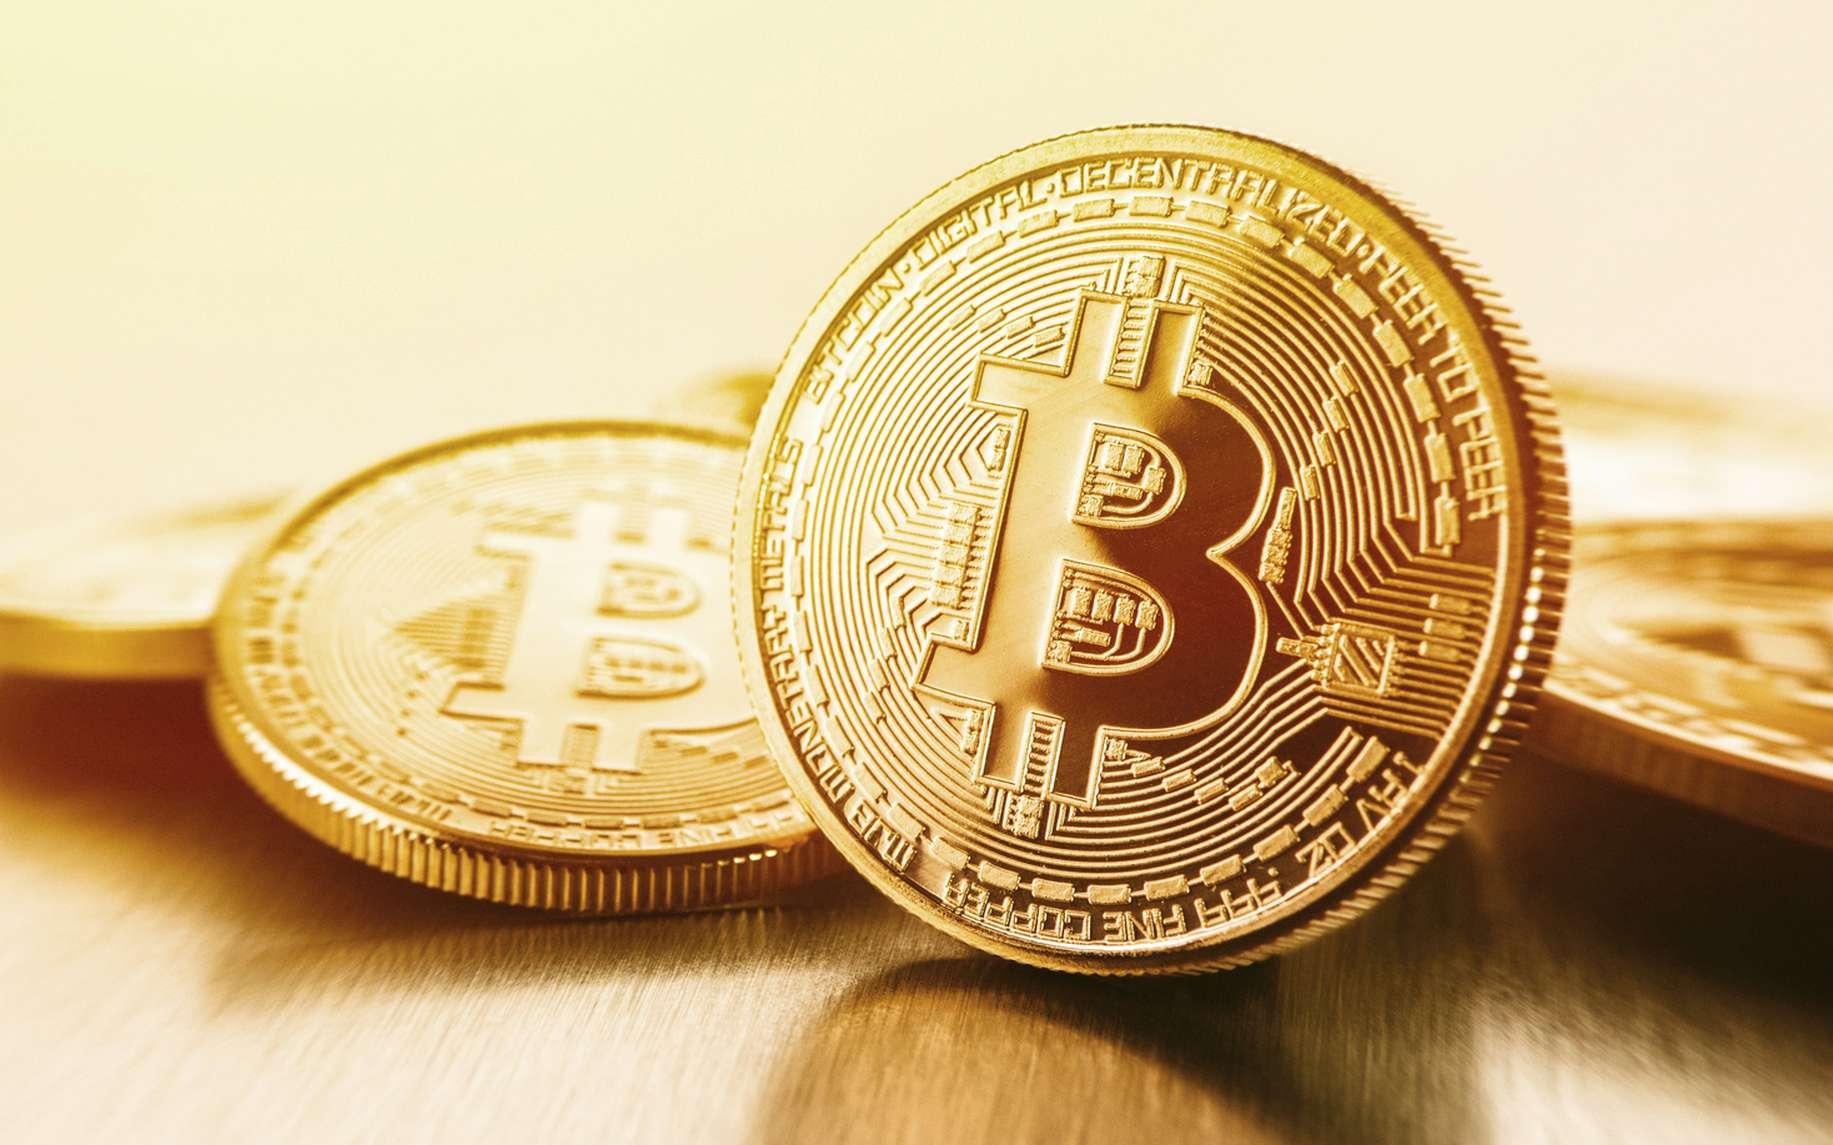 Les bitcoins commencent à s'immiscer dans le langage commun. Que sont-ils ? © rcfotostock, fotolia